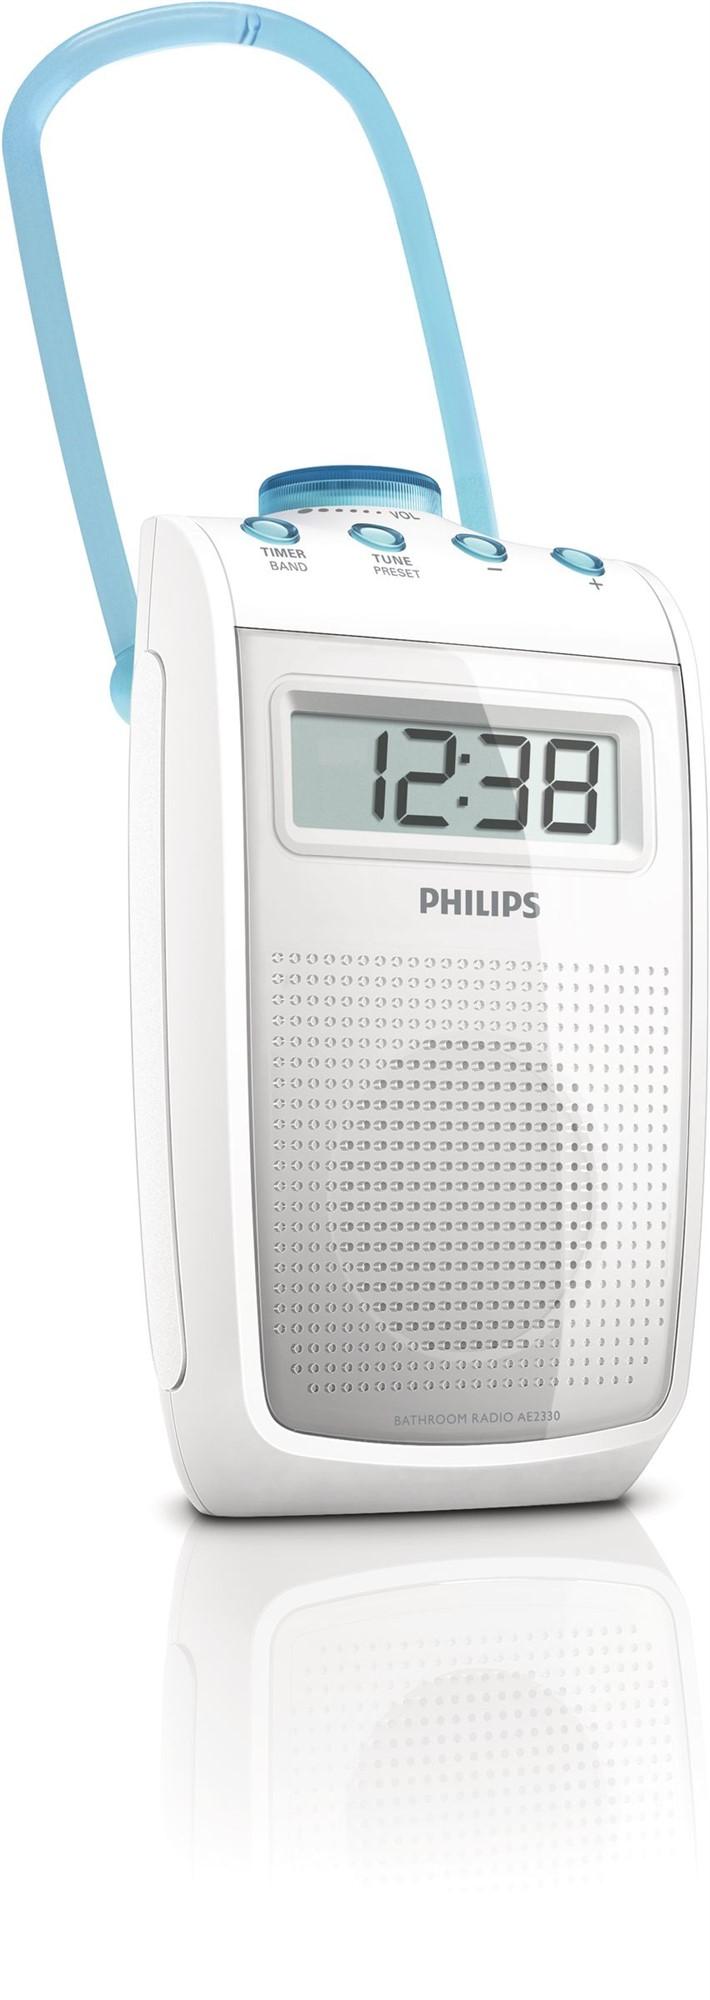 Philips Bathroom radio AE2330/00